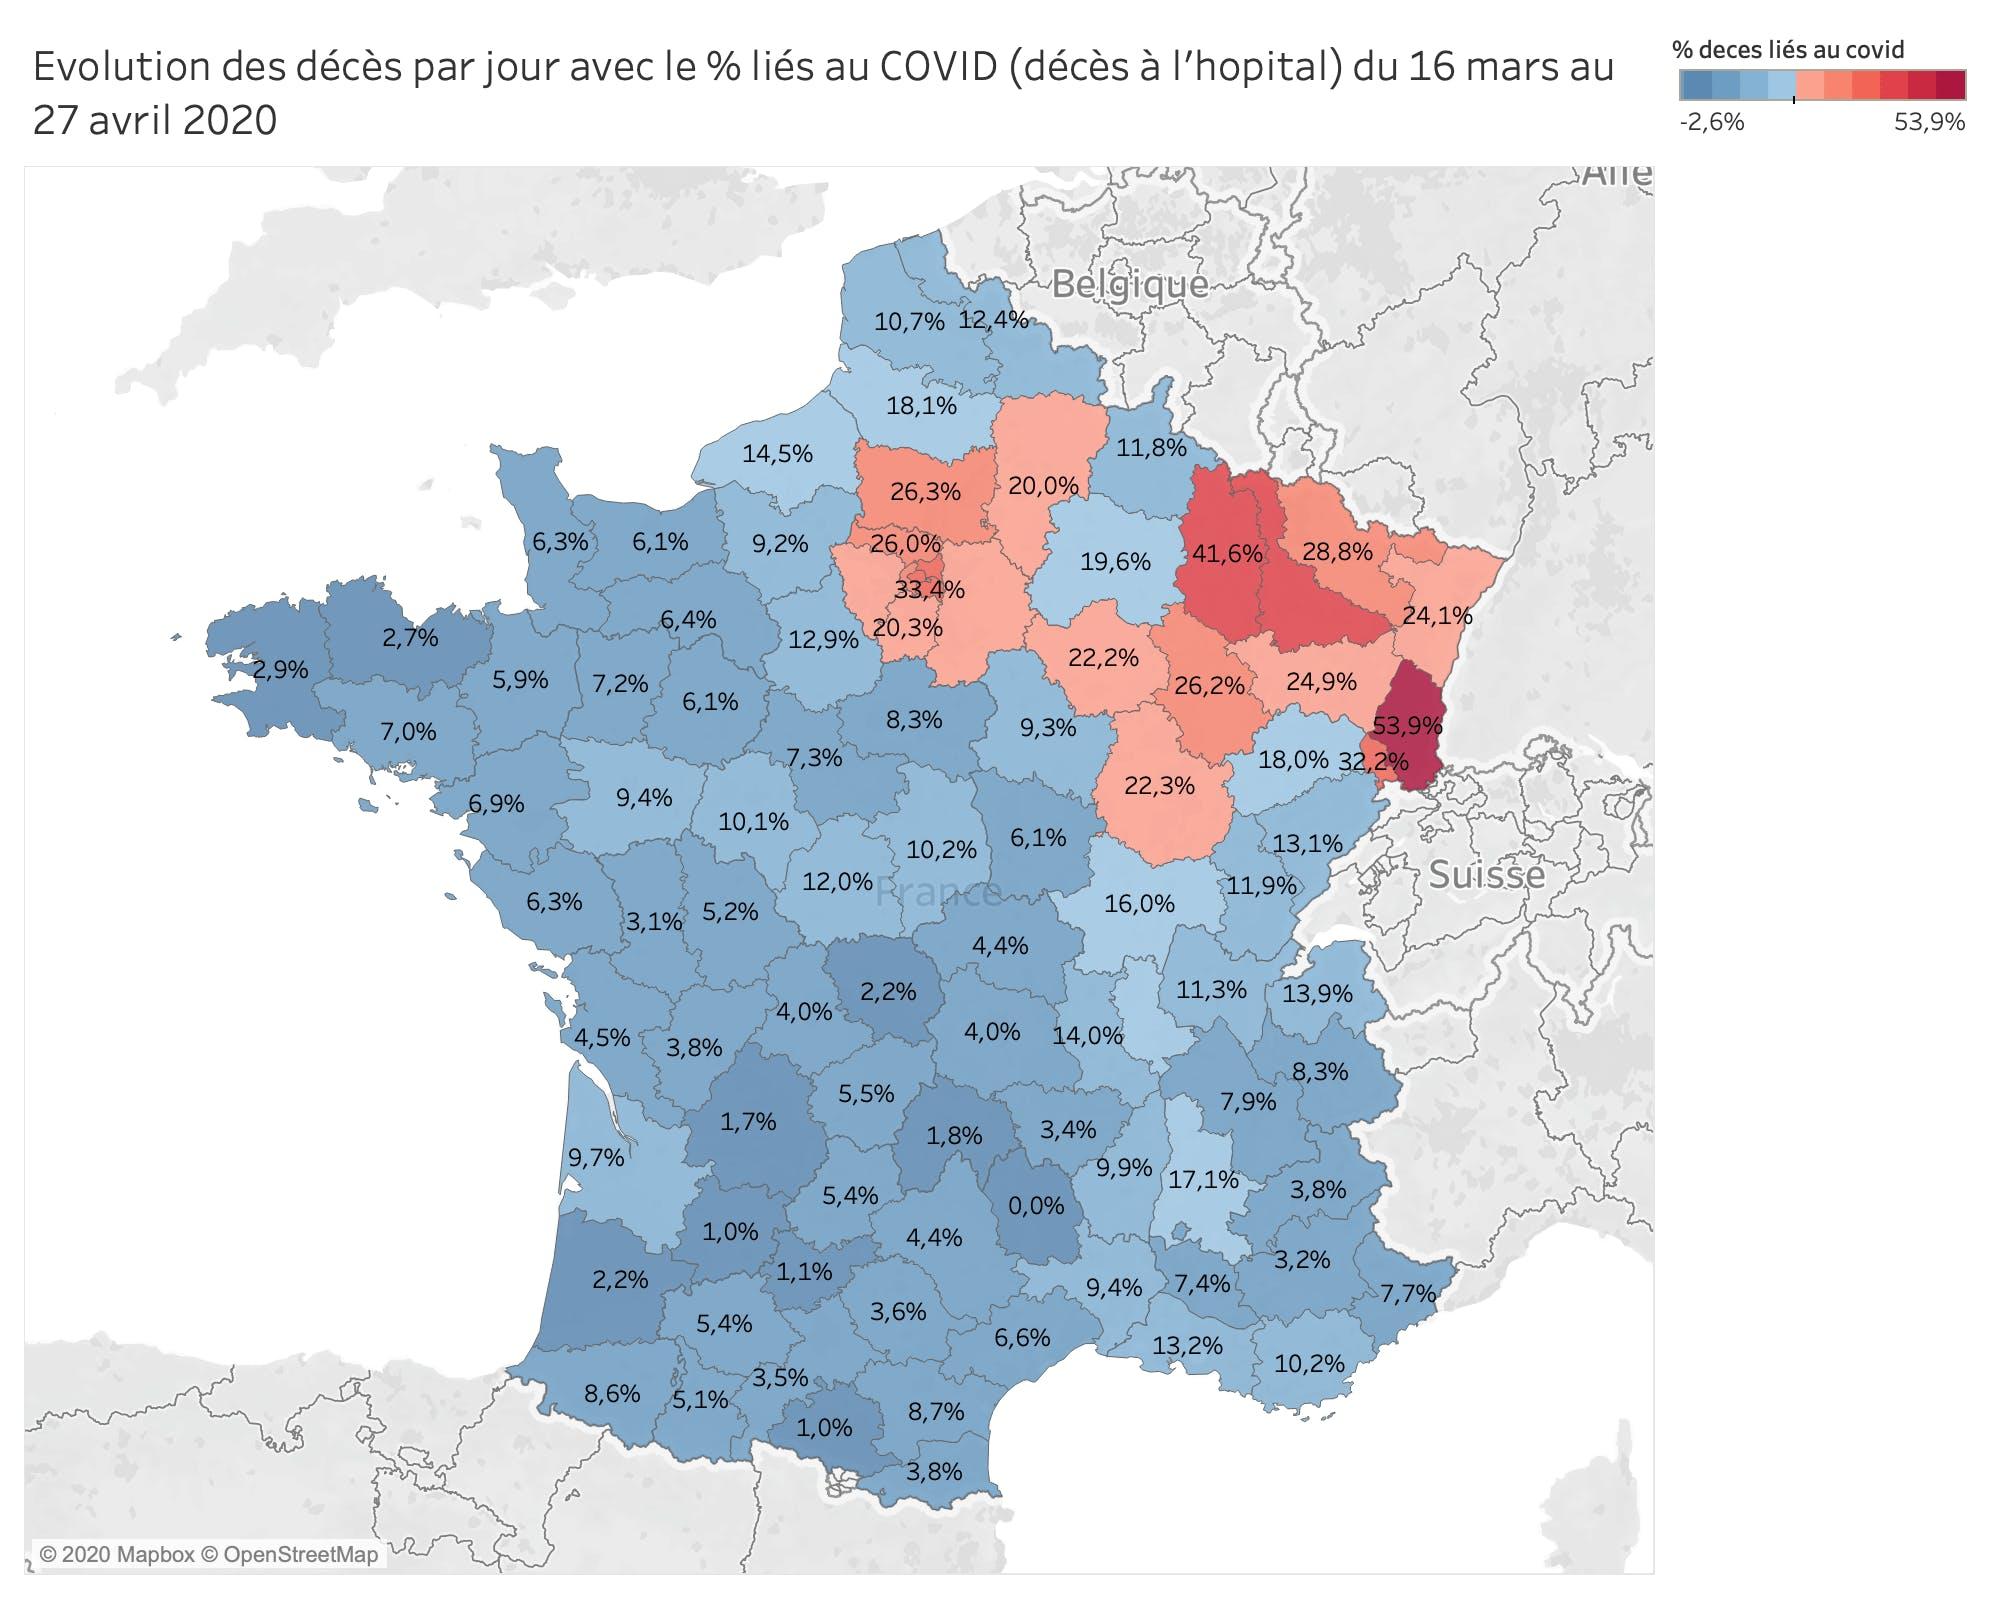 Evolution des décès par jour avec le % liés au COVID (décès à l'hôpital) du 16 mars au 27 avril 2020